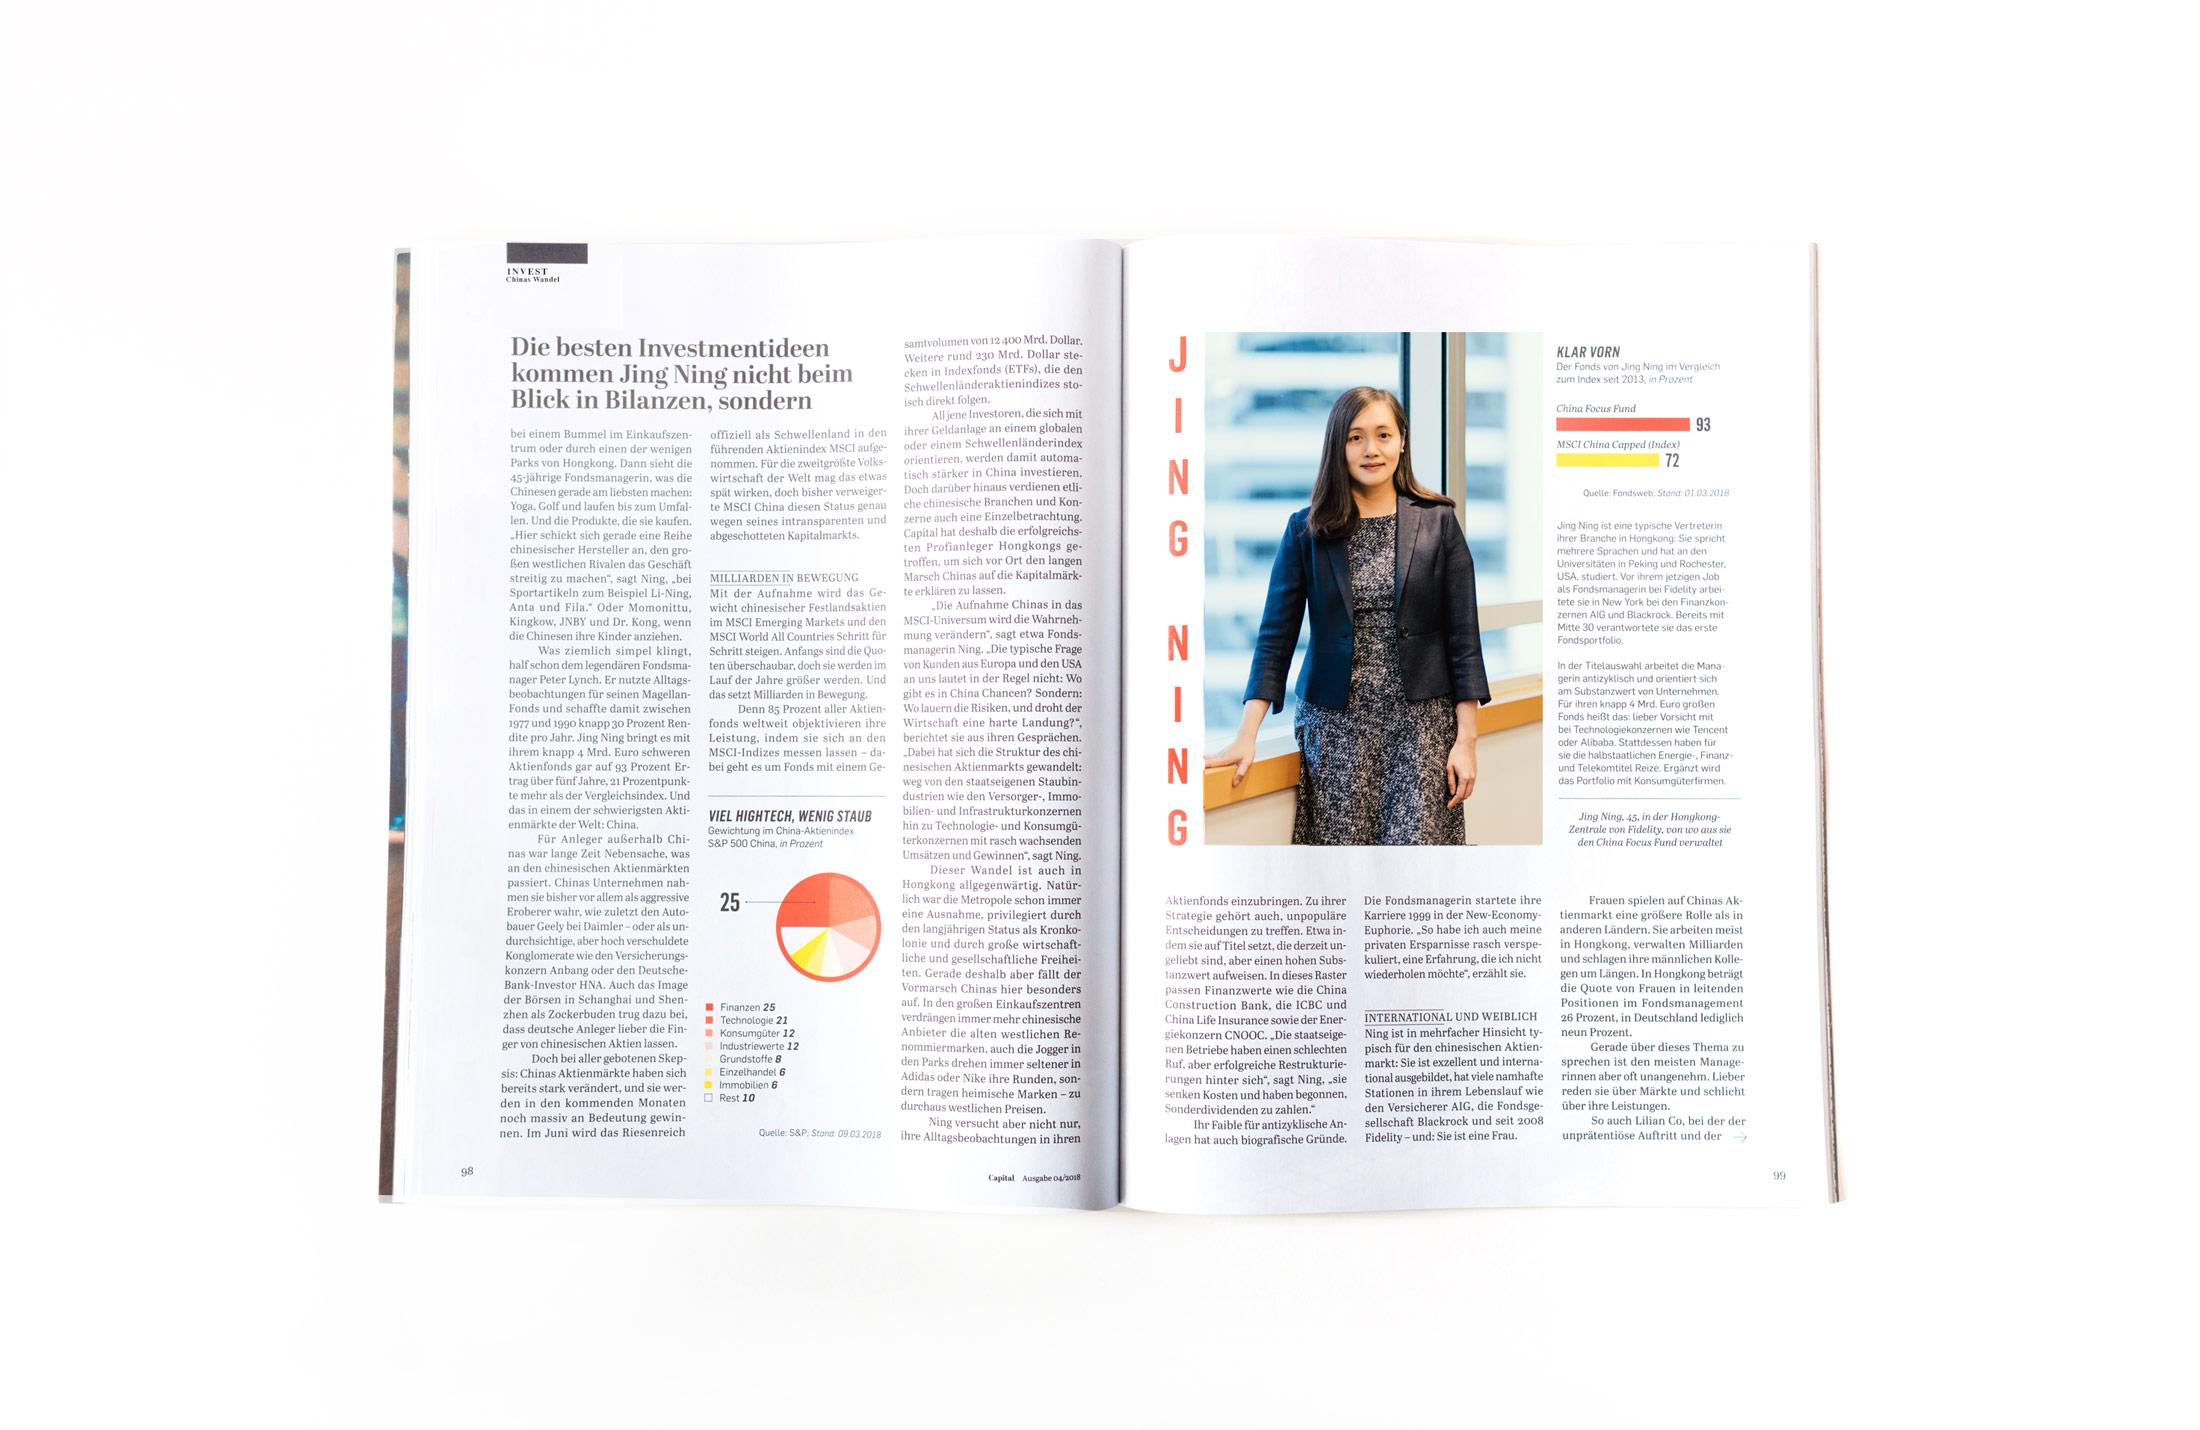 CapitalMagazine-004.jpg